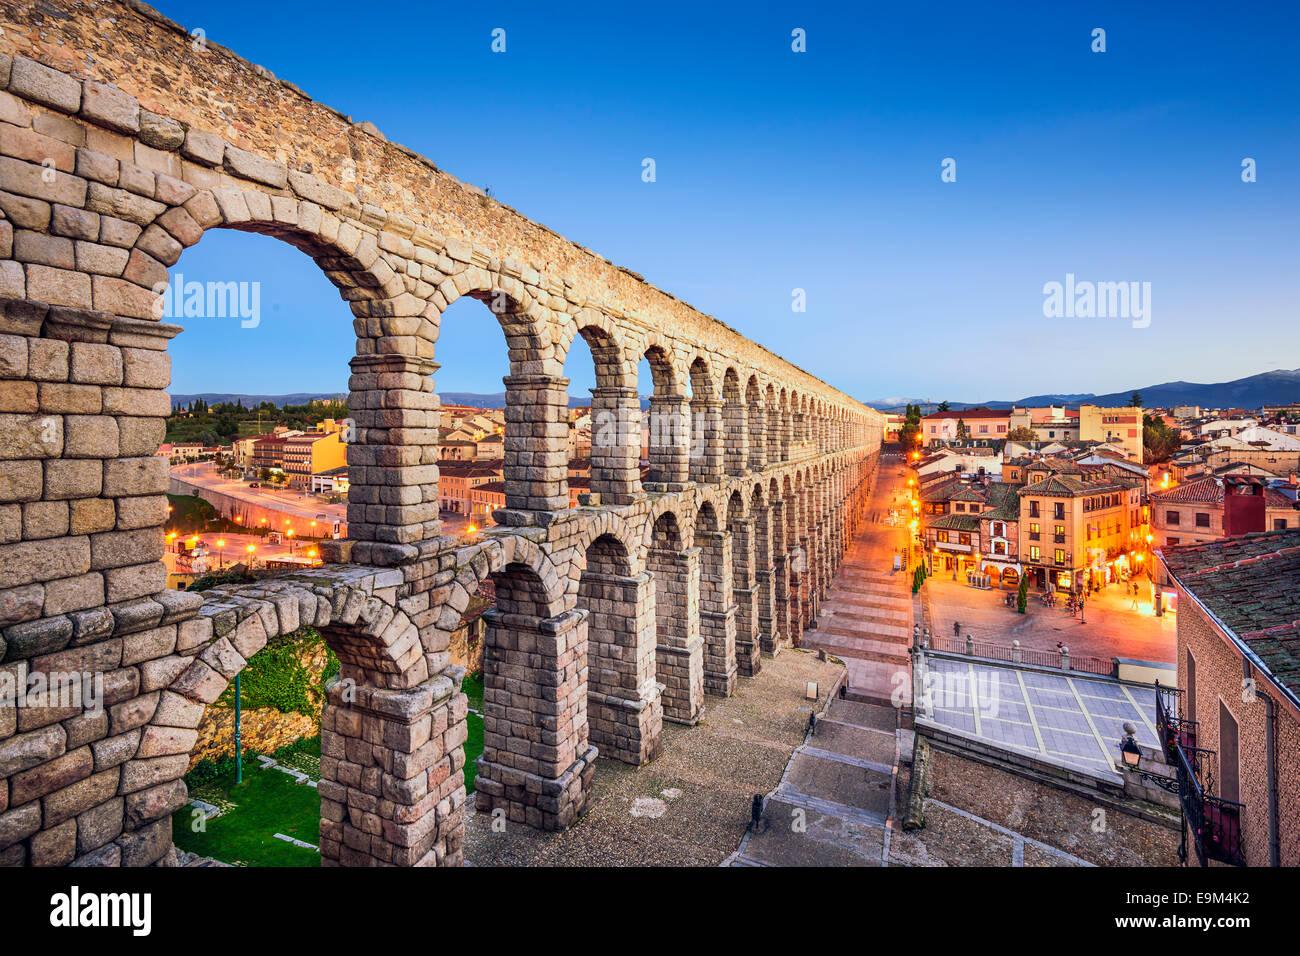 Segovia, Espagne à l'ancien aqueduc romain. Photo Stock